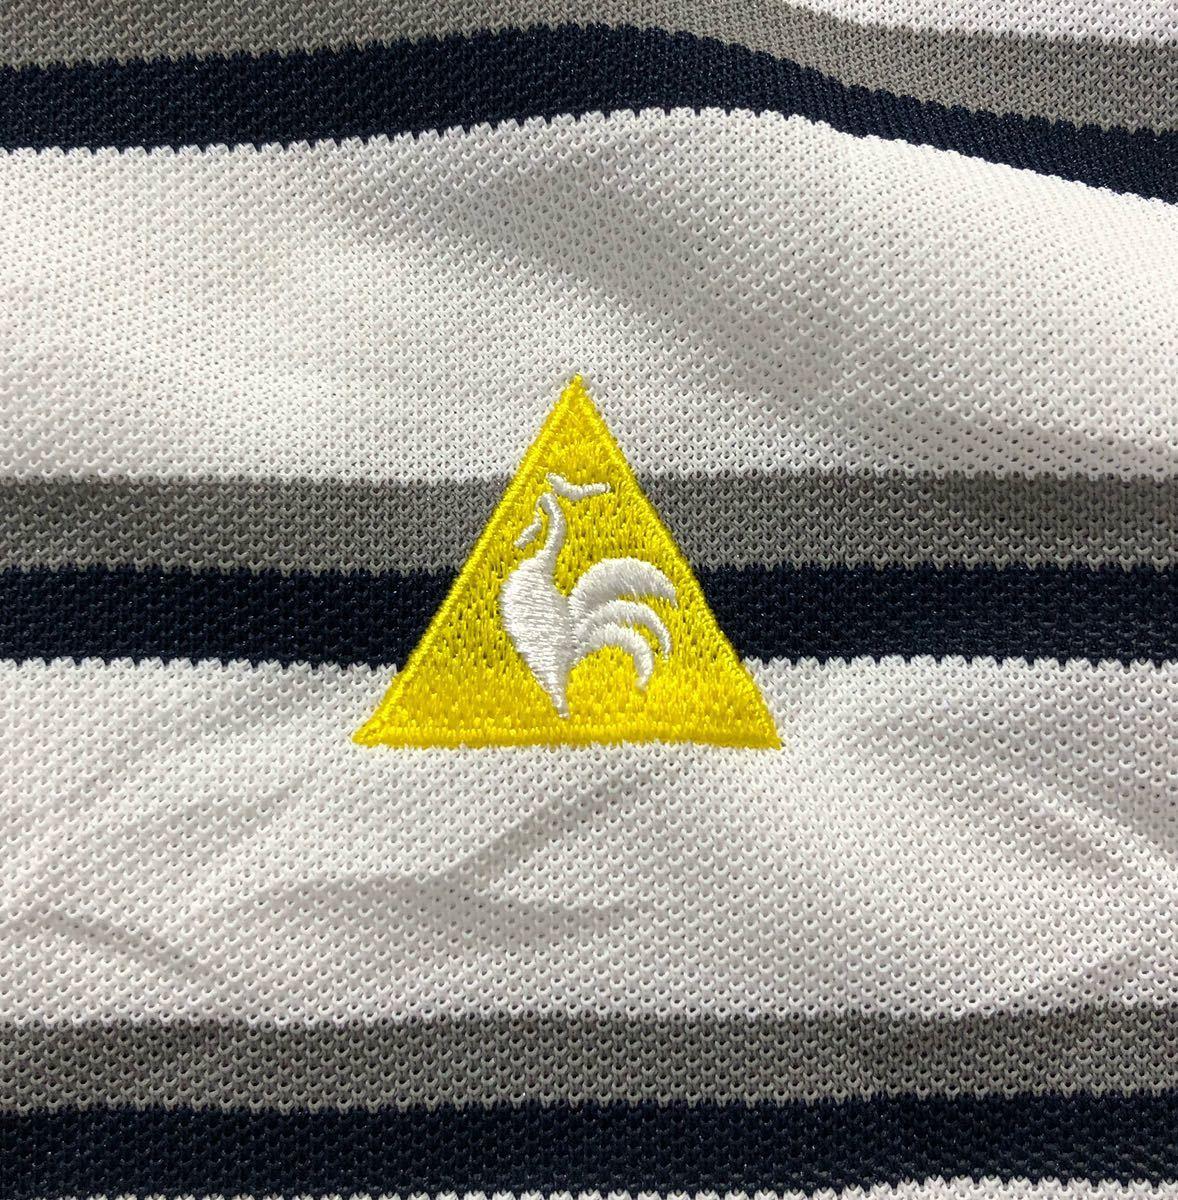 《le coq sportif GOLF ルコックゴルフ》ホワイトライン ロゴ刺繍 ボーダー柄 半袖 ポロシャツ ホワイト×グレー×ブラック L_画像5